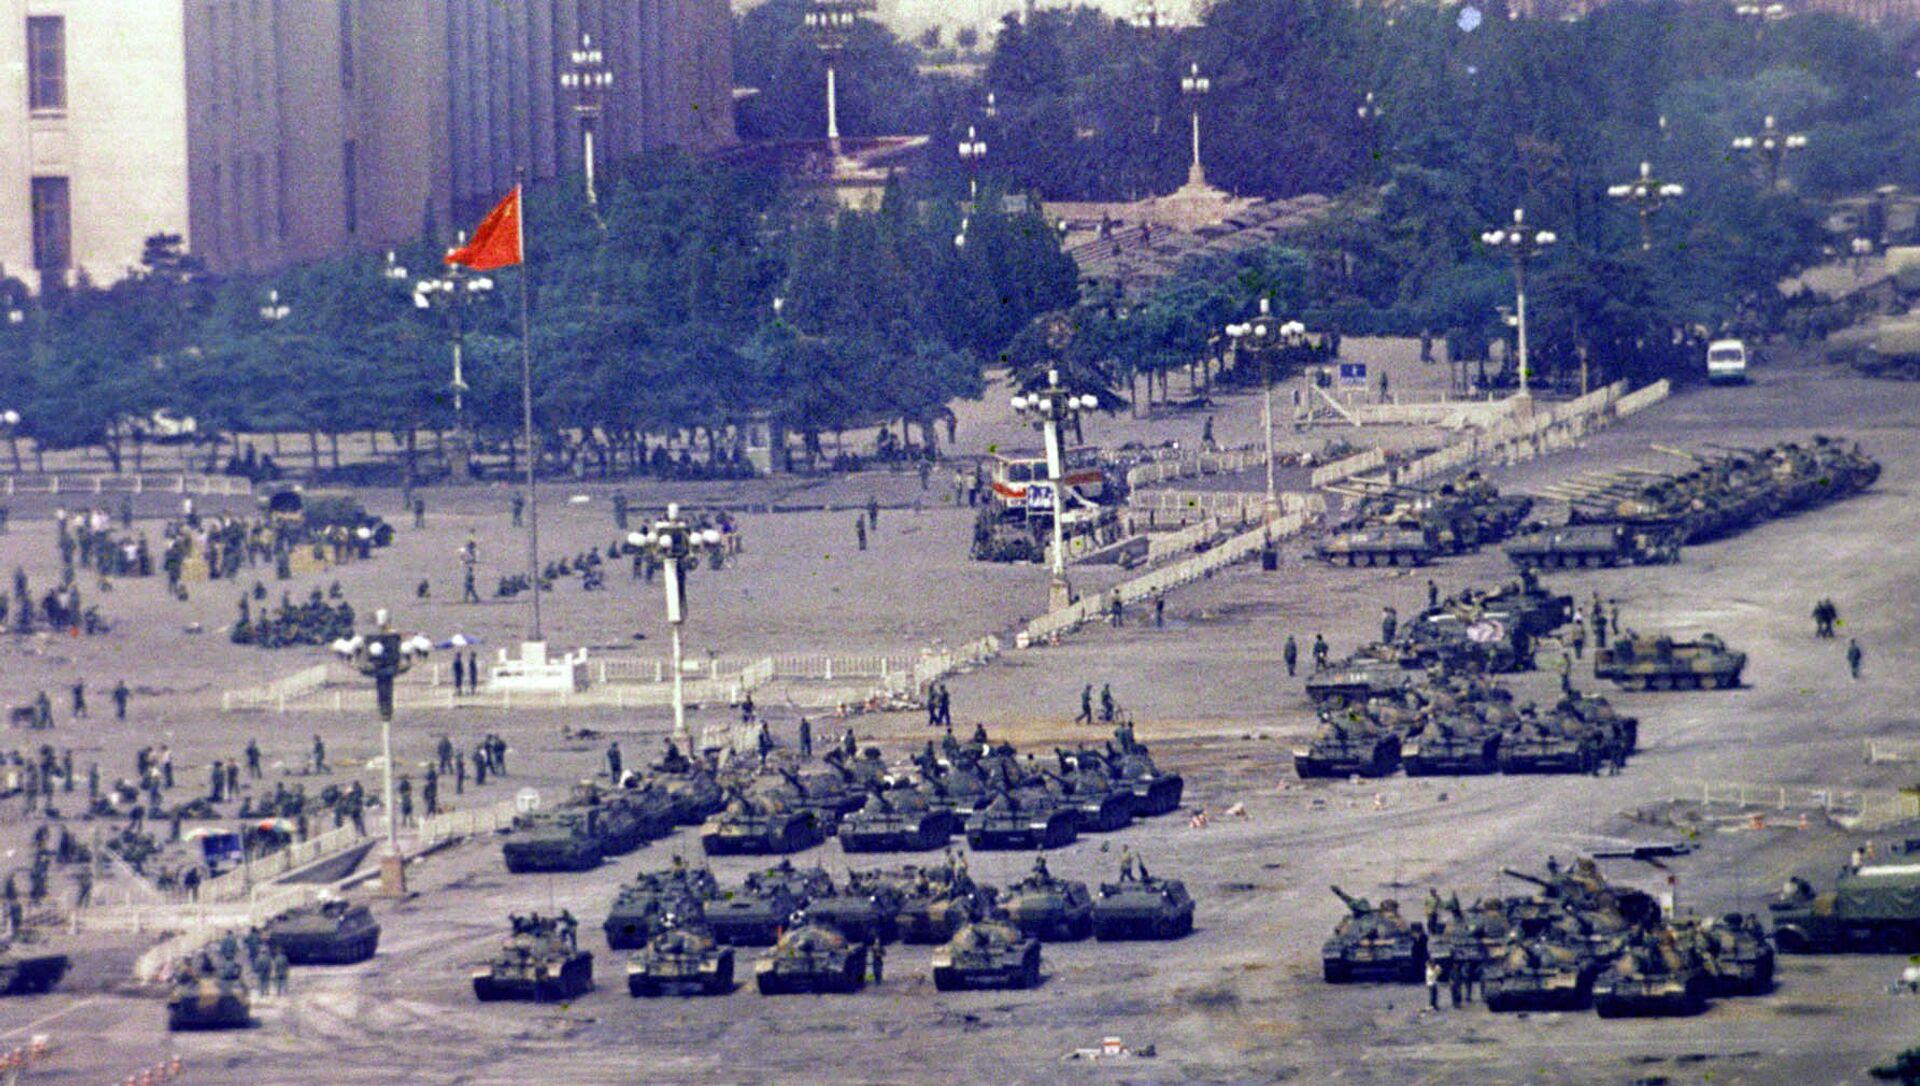 Кинеске трупе и тенкови окупљени на Тргу Тјенанмен током продемократских протеста у Пекингу у јуну 1989. године - Sputnik Србија, 1920, 04.06.2021